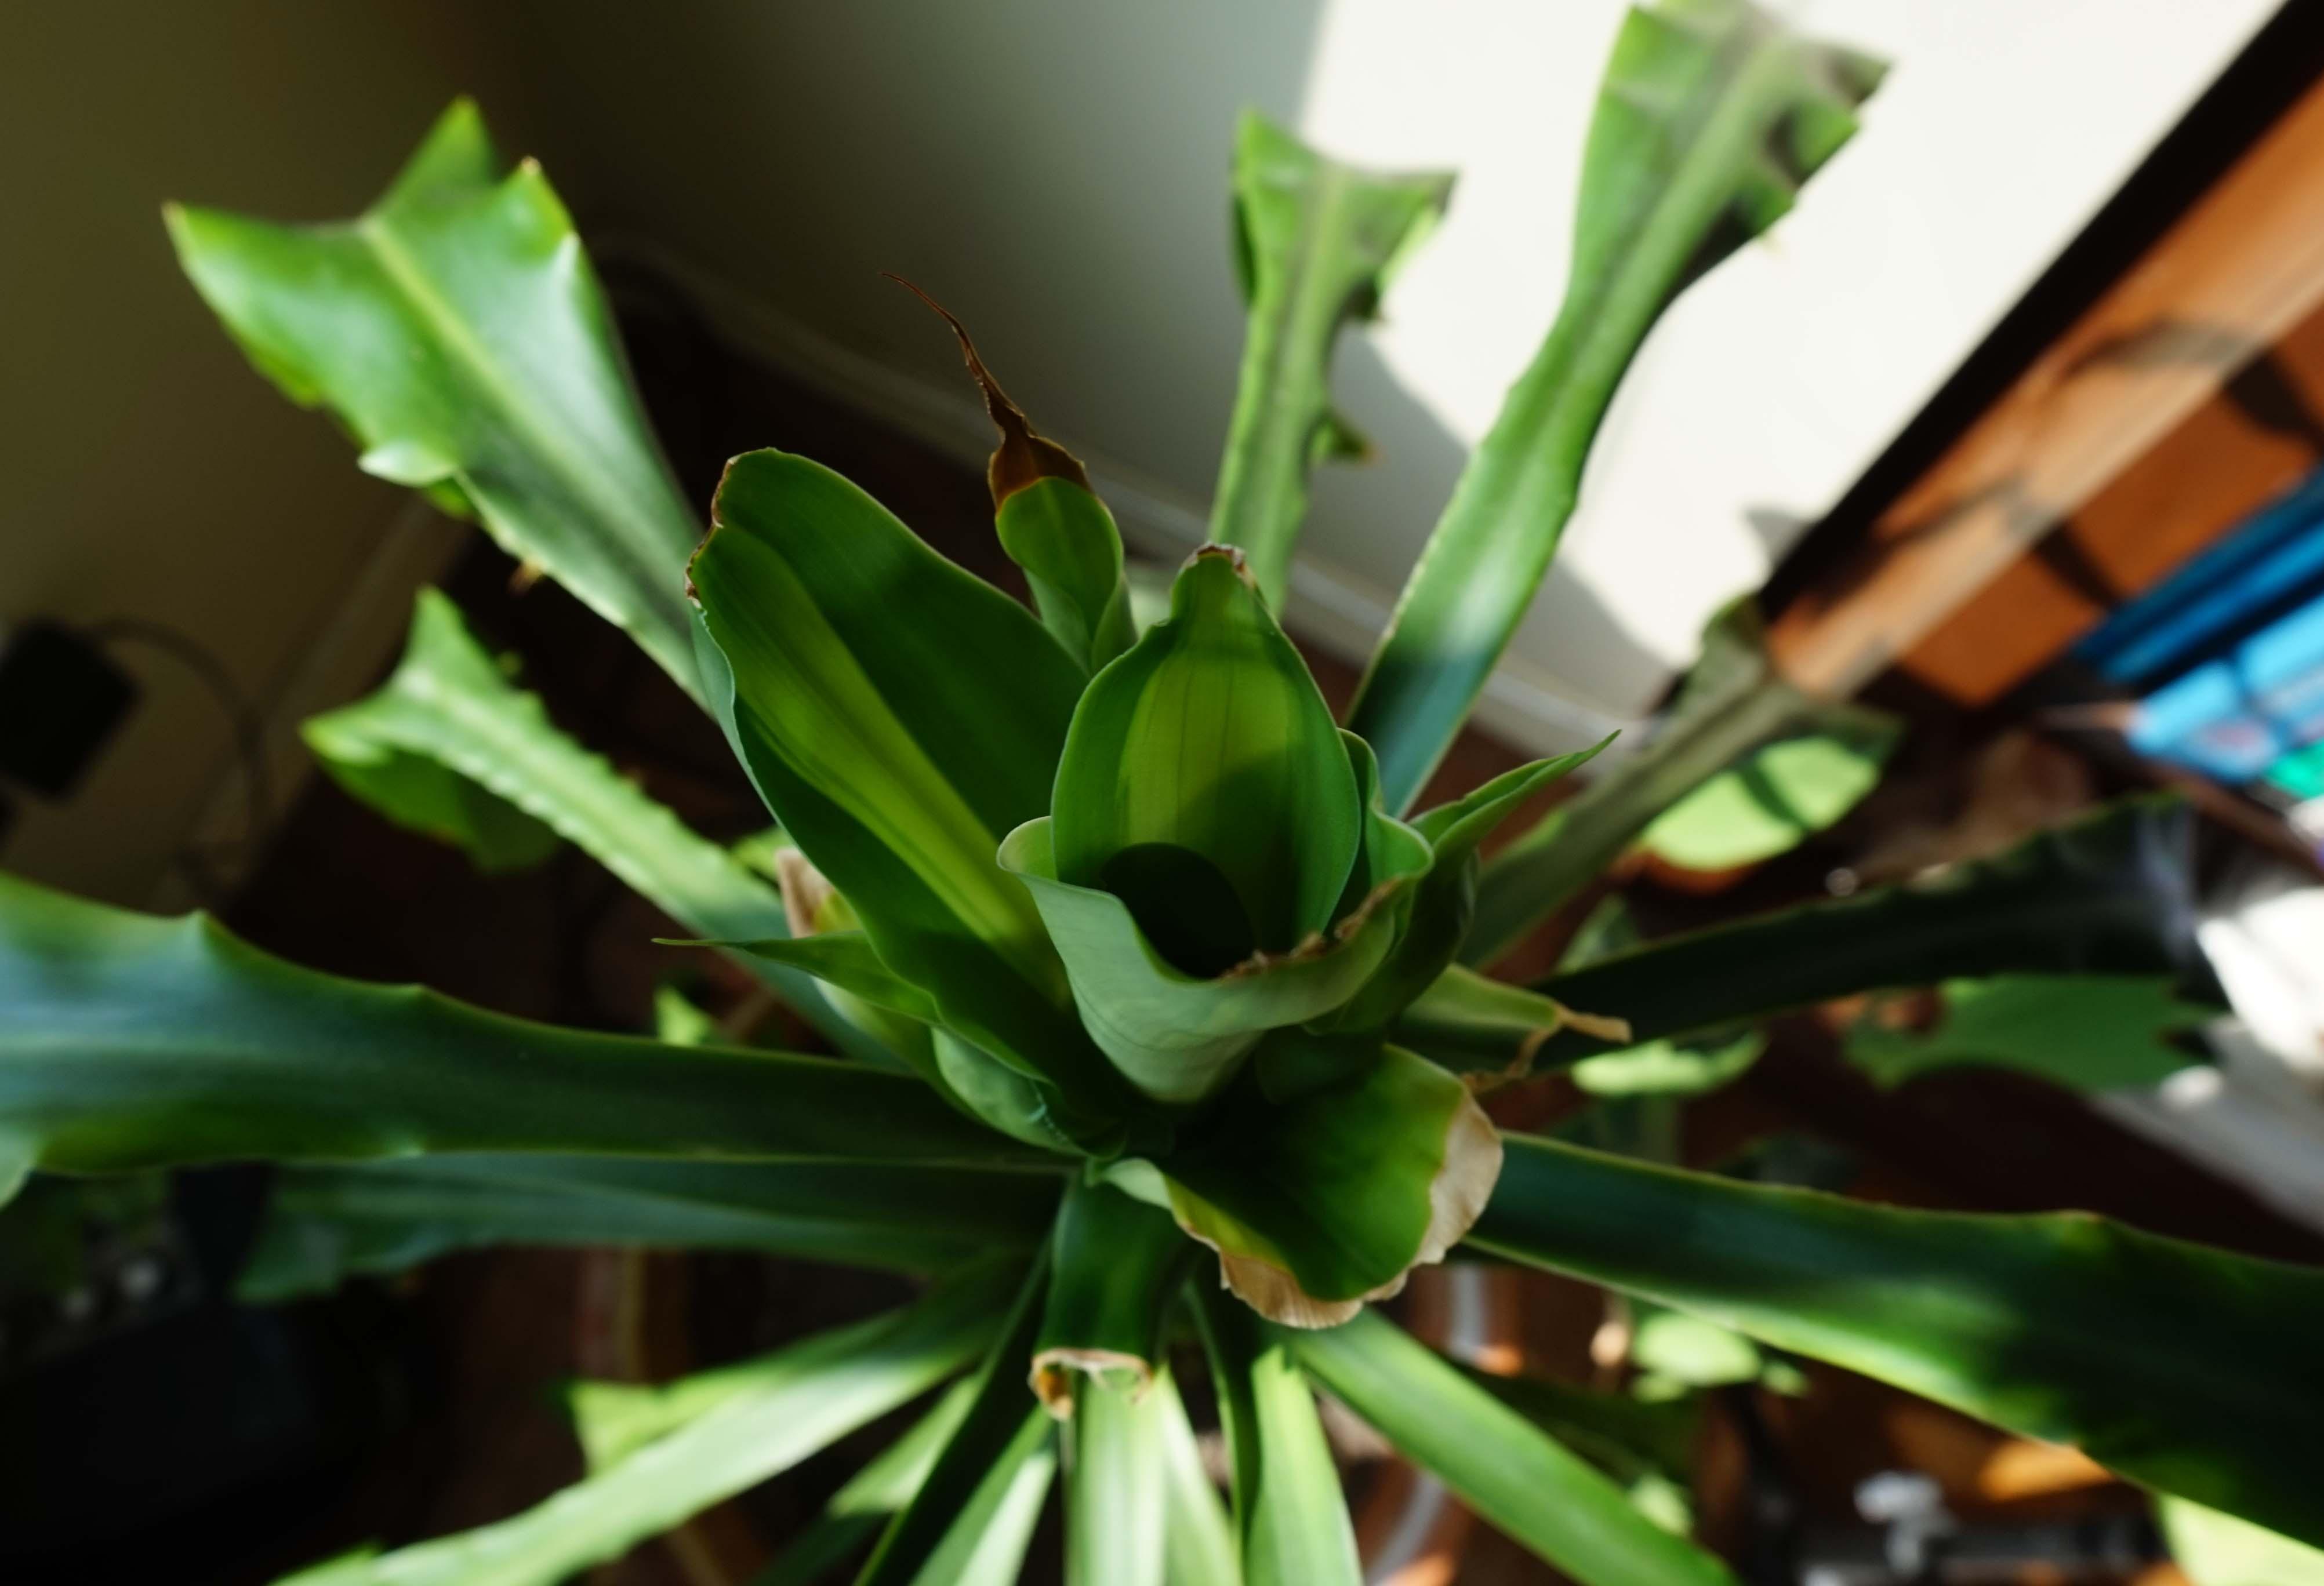 Plant top